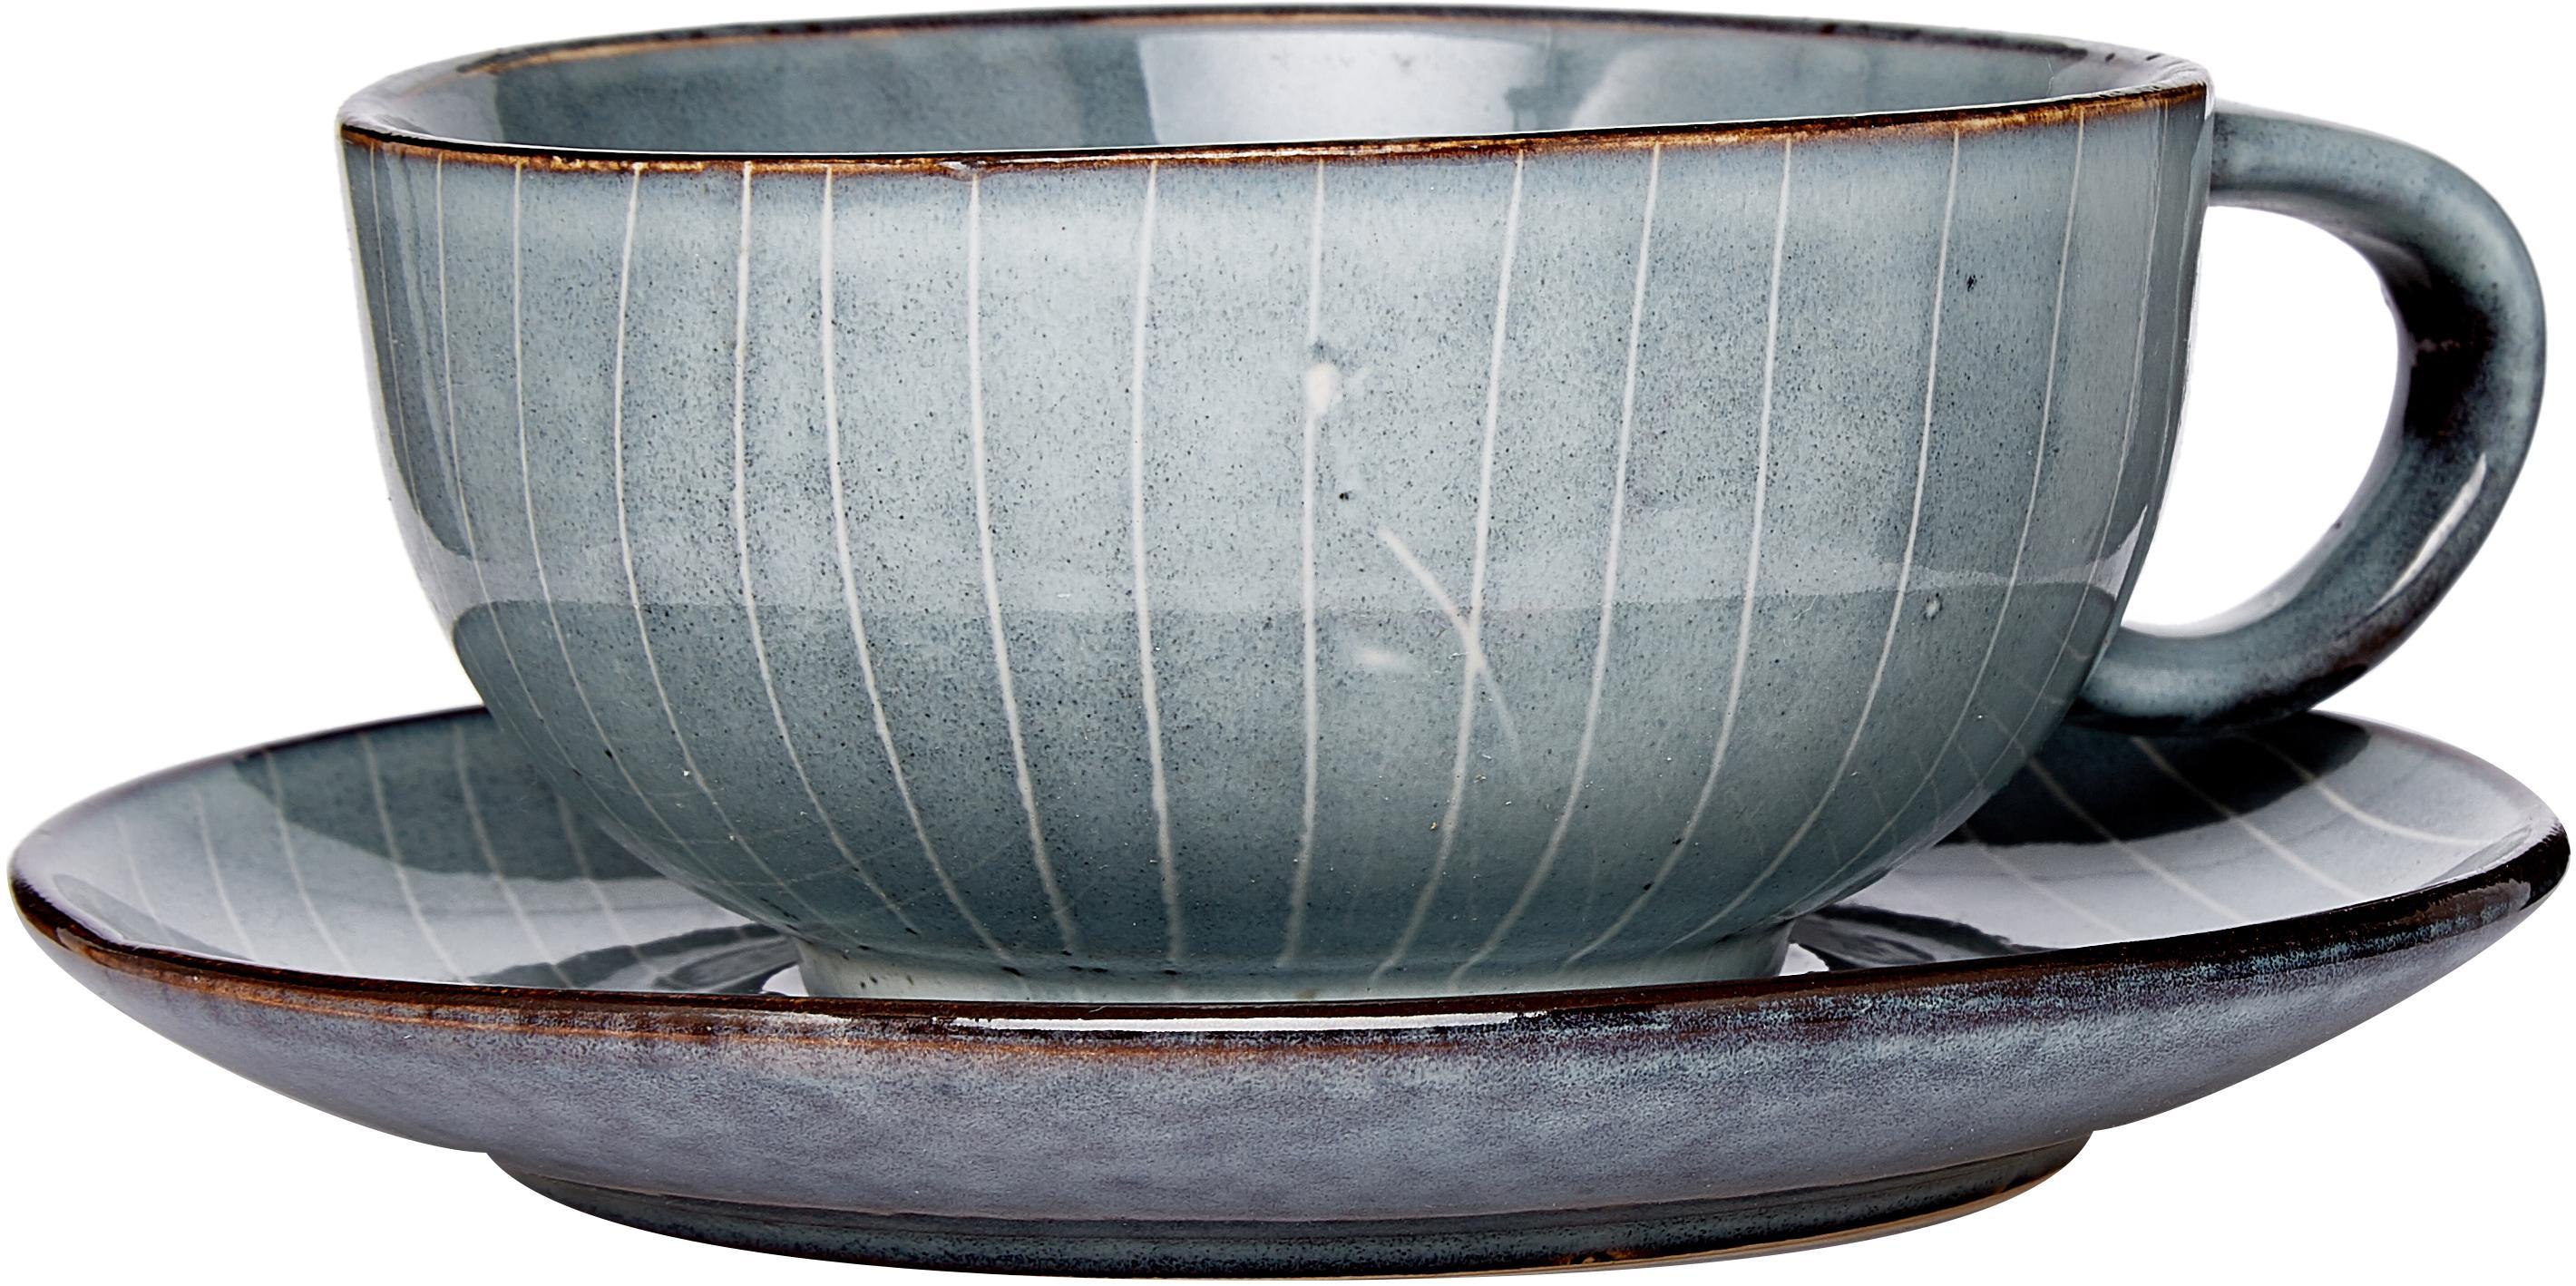 Handgemaakt kopje met schoteltje Nordic Sea, Keramiek, Grijs- en blauwtinten, Ø 11 x H 5 cm